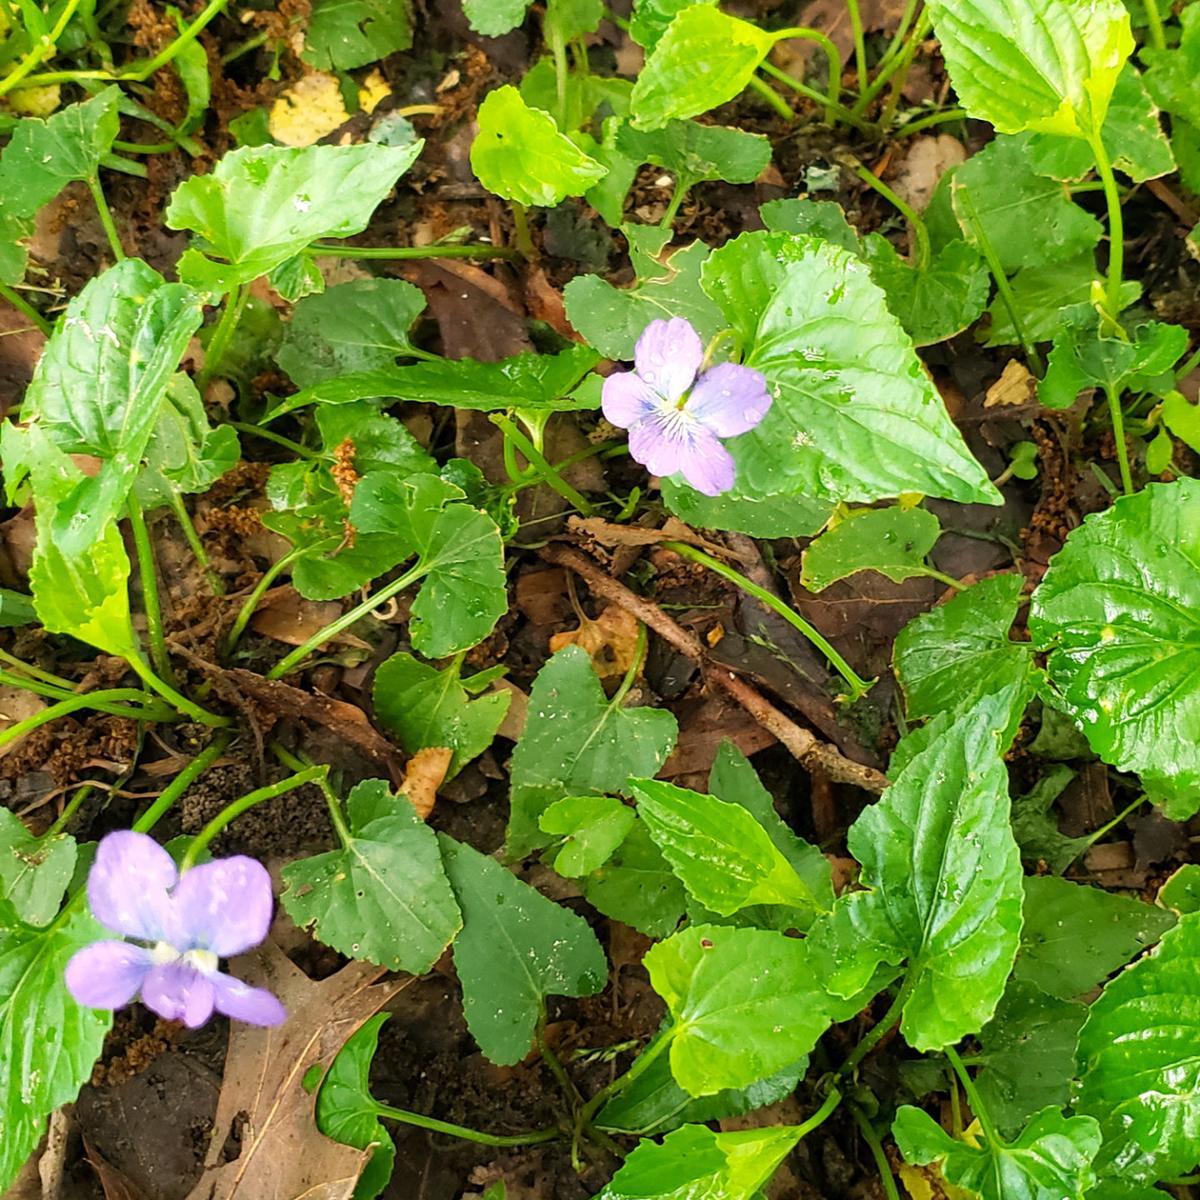 TEXAS GARDENING: Wild violet